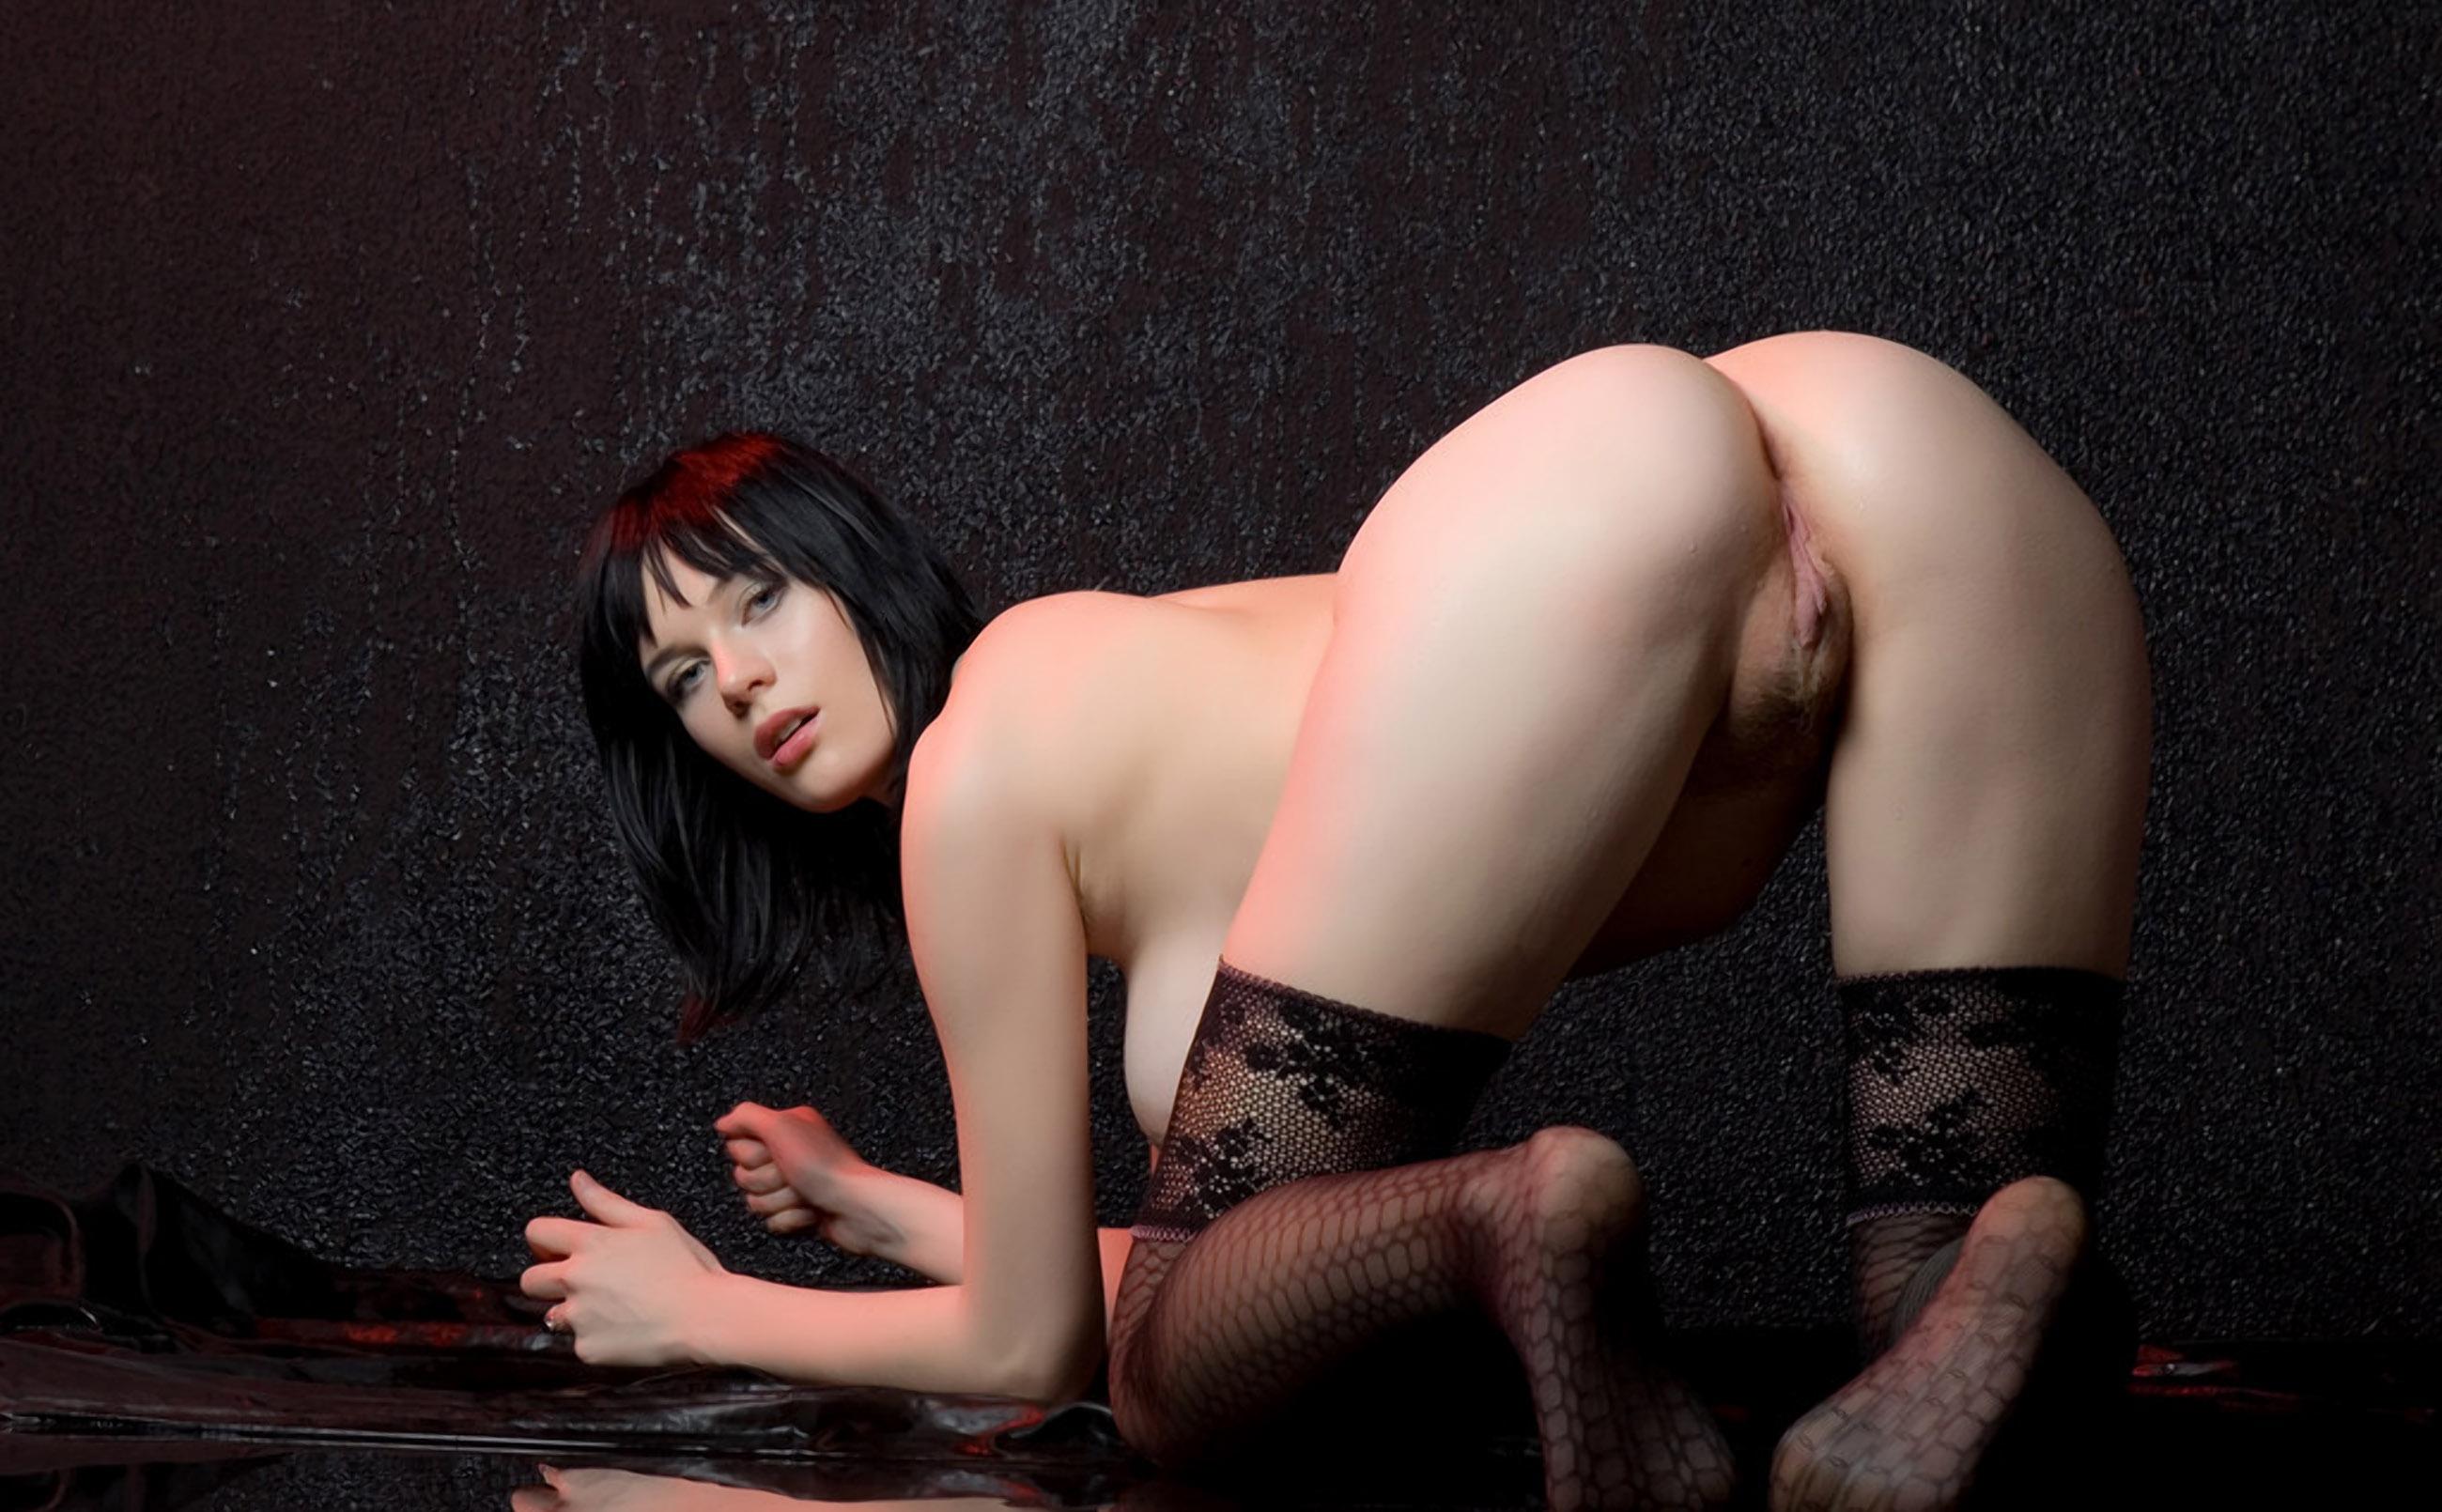 Фото девушек эротика фотомодели 10 фотография